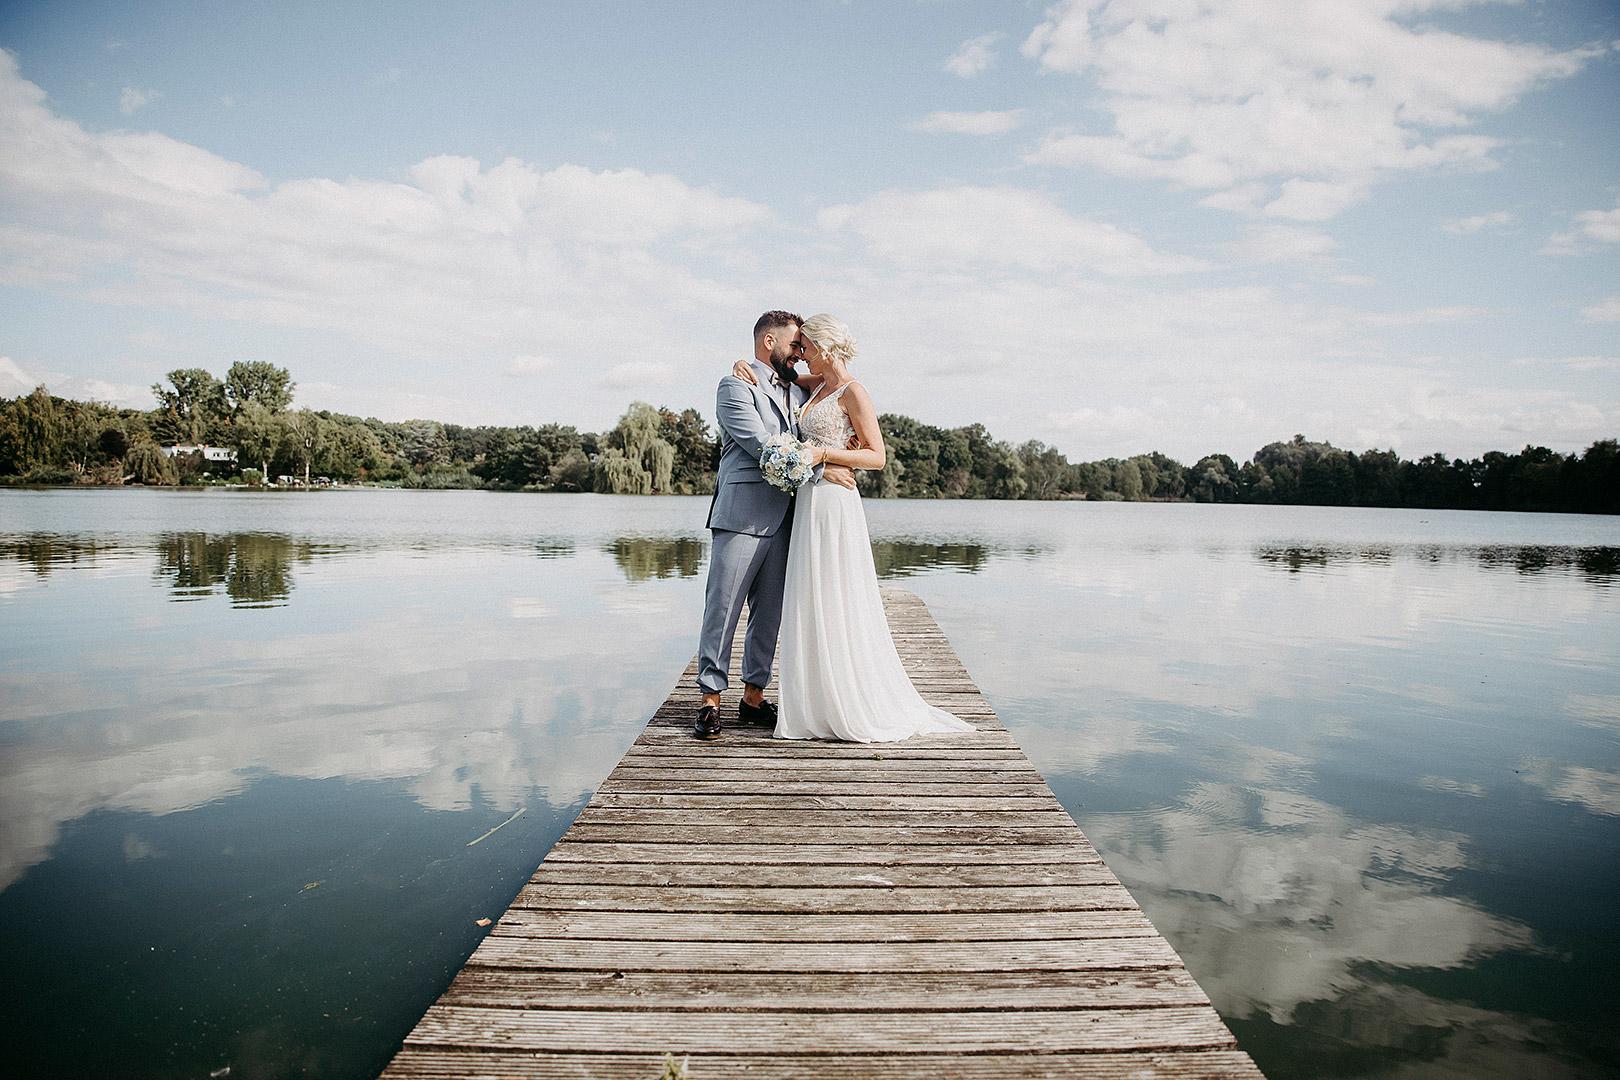 portrait_wedding_seeliebe_birkensee_32